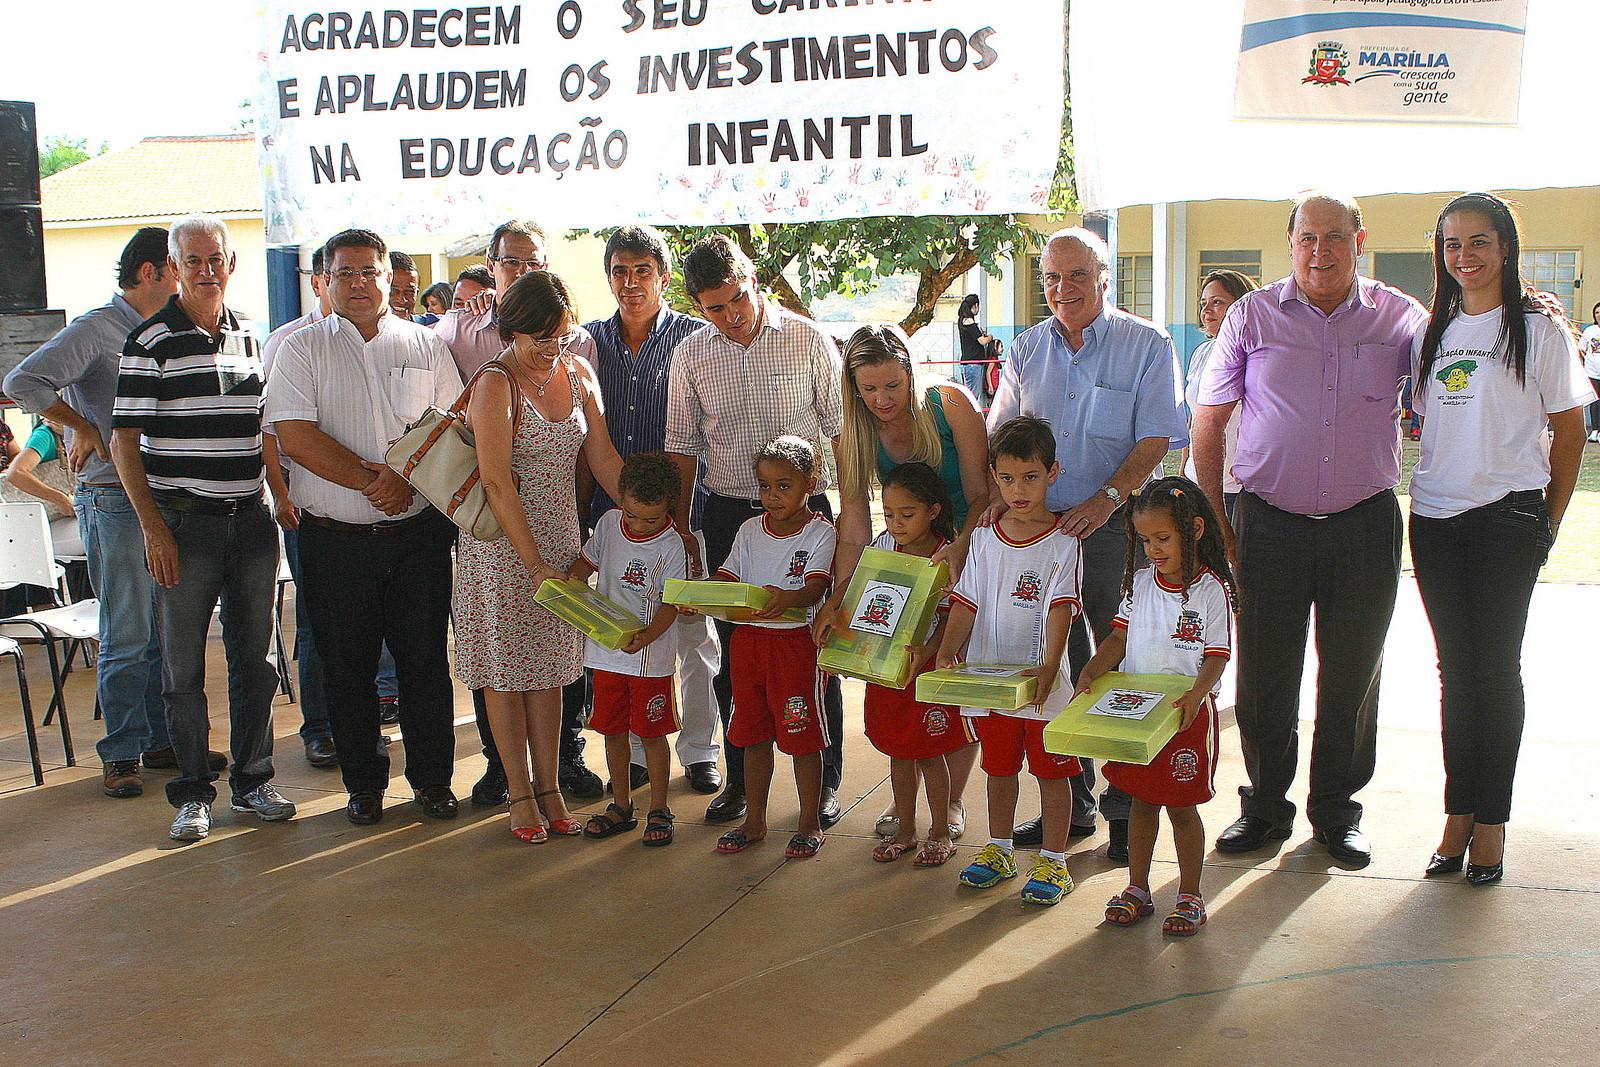 Prefeitura Entrega Kits De Material Escolar E Tatamis No Jardim